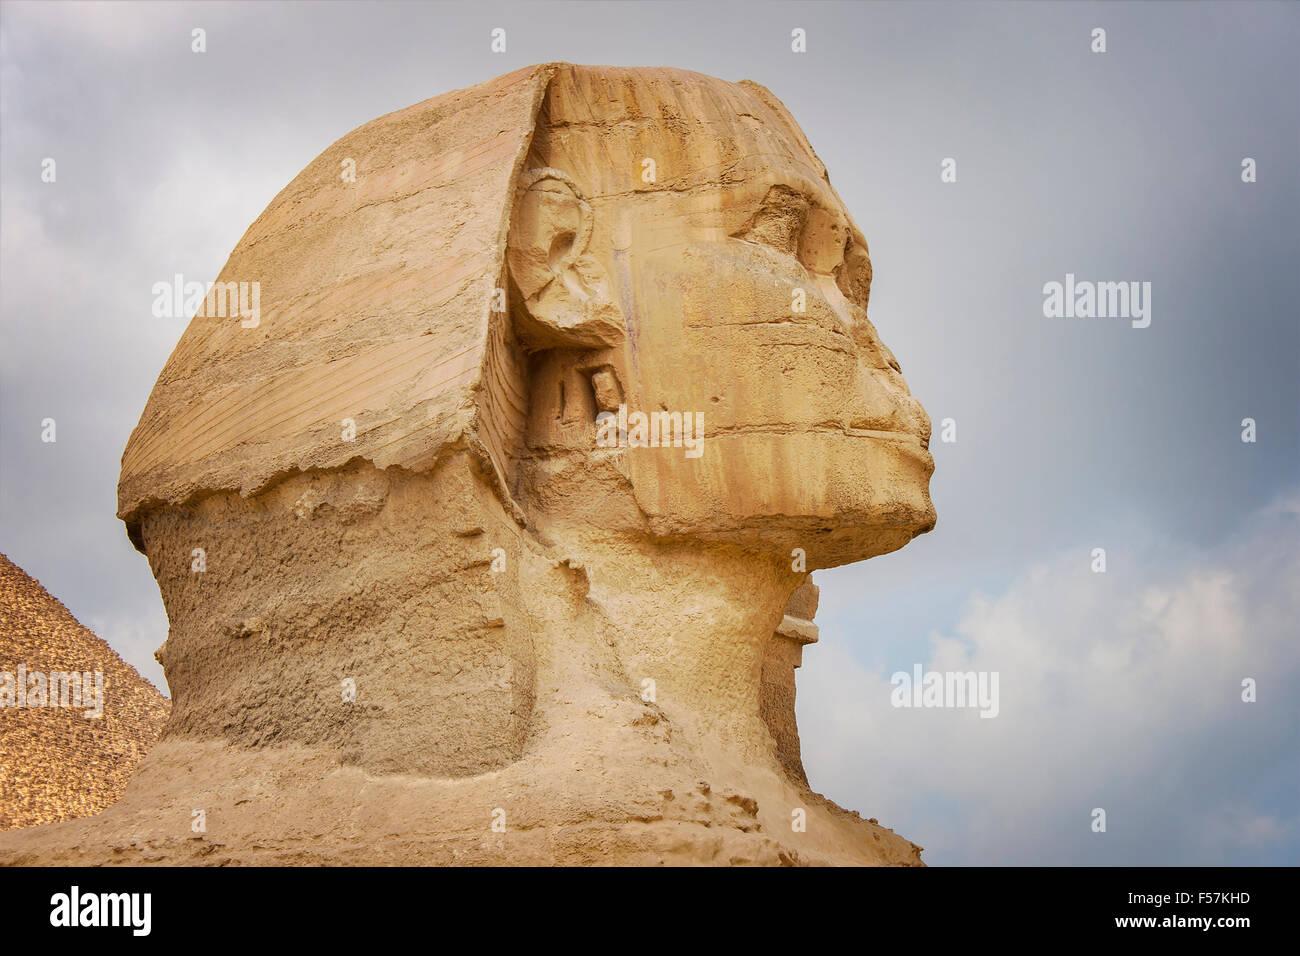 Immagine della Sfinge di Gixa, Il Cairo in Egitto. Immagini Stock